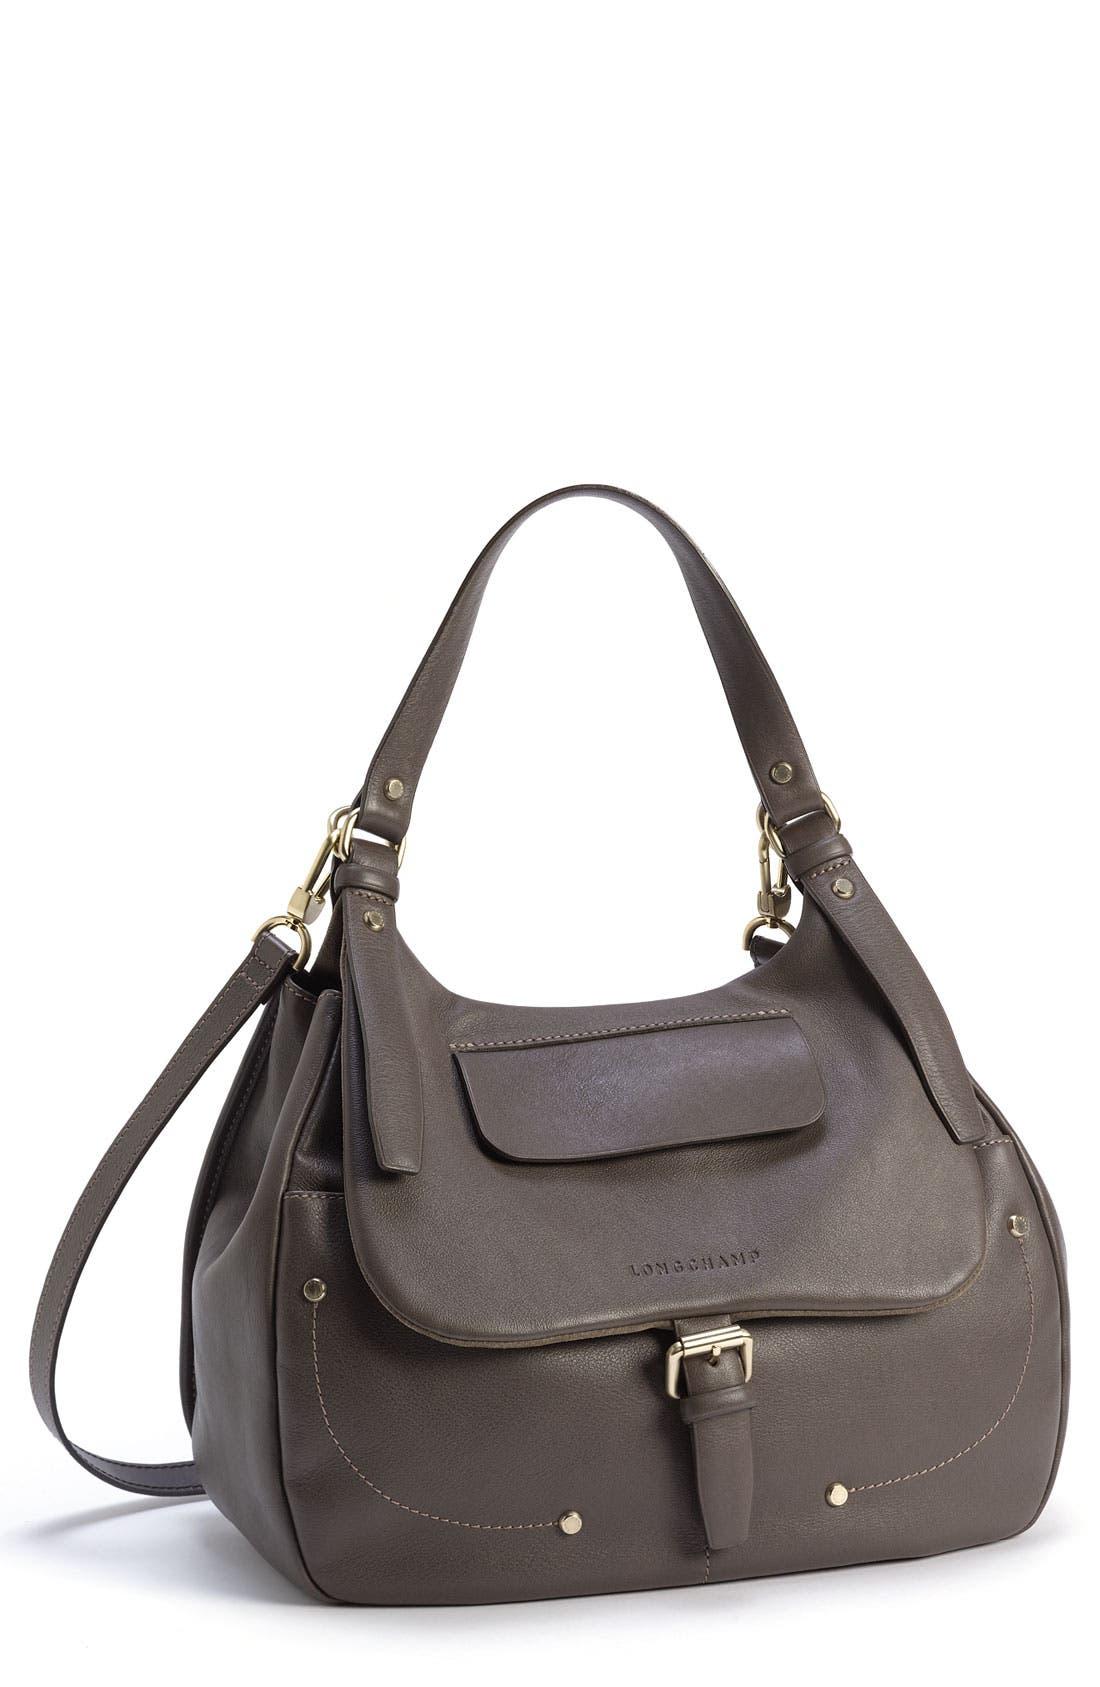 Alternate Image 1 Selected - Longchamp 'Balzane' Hobo